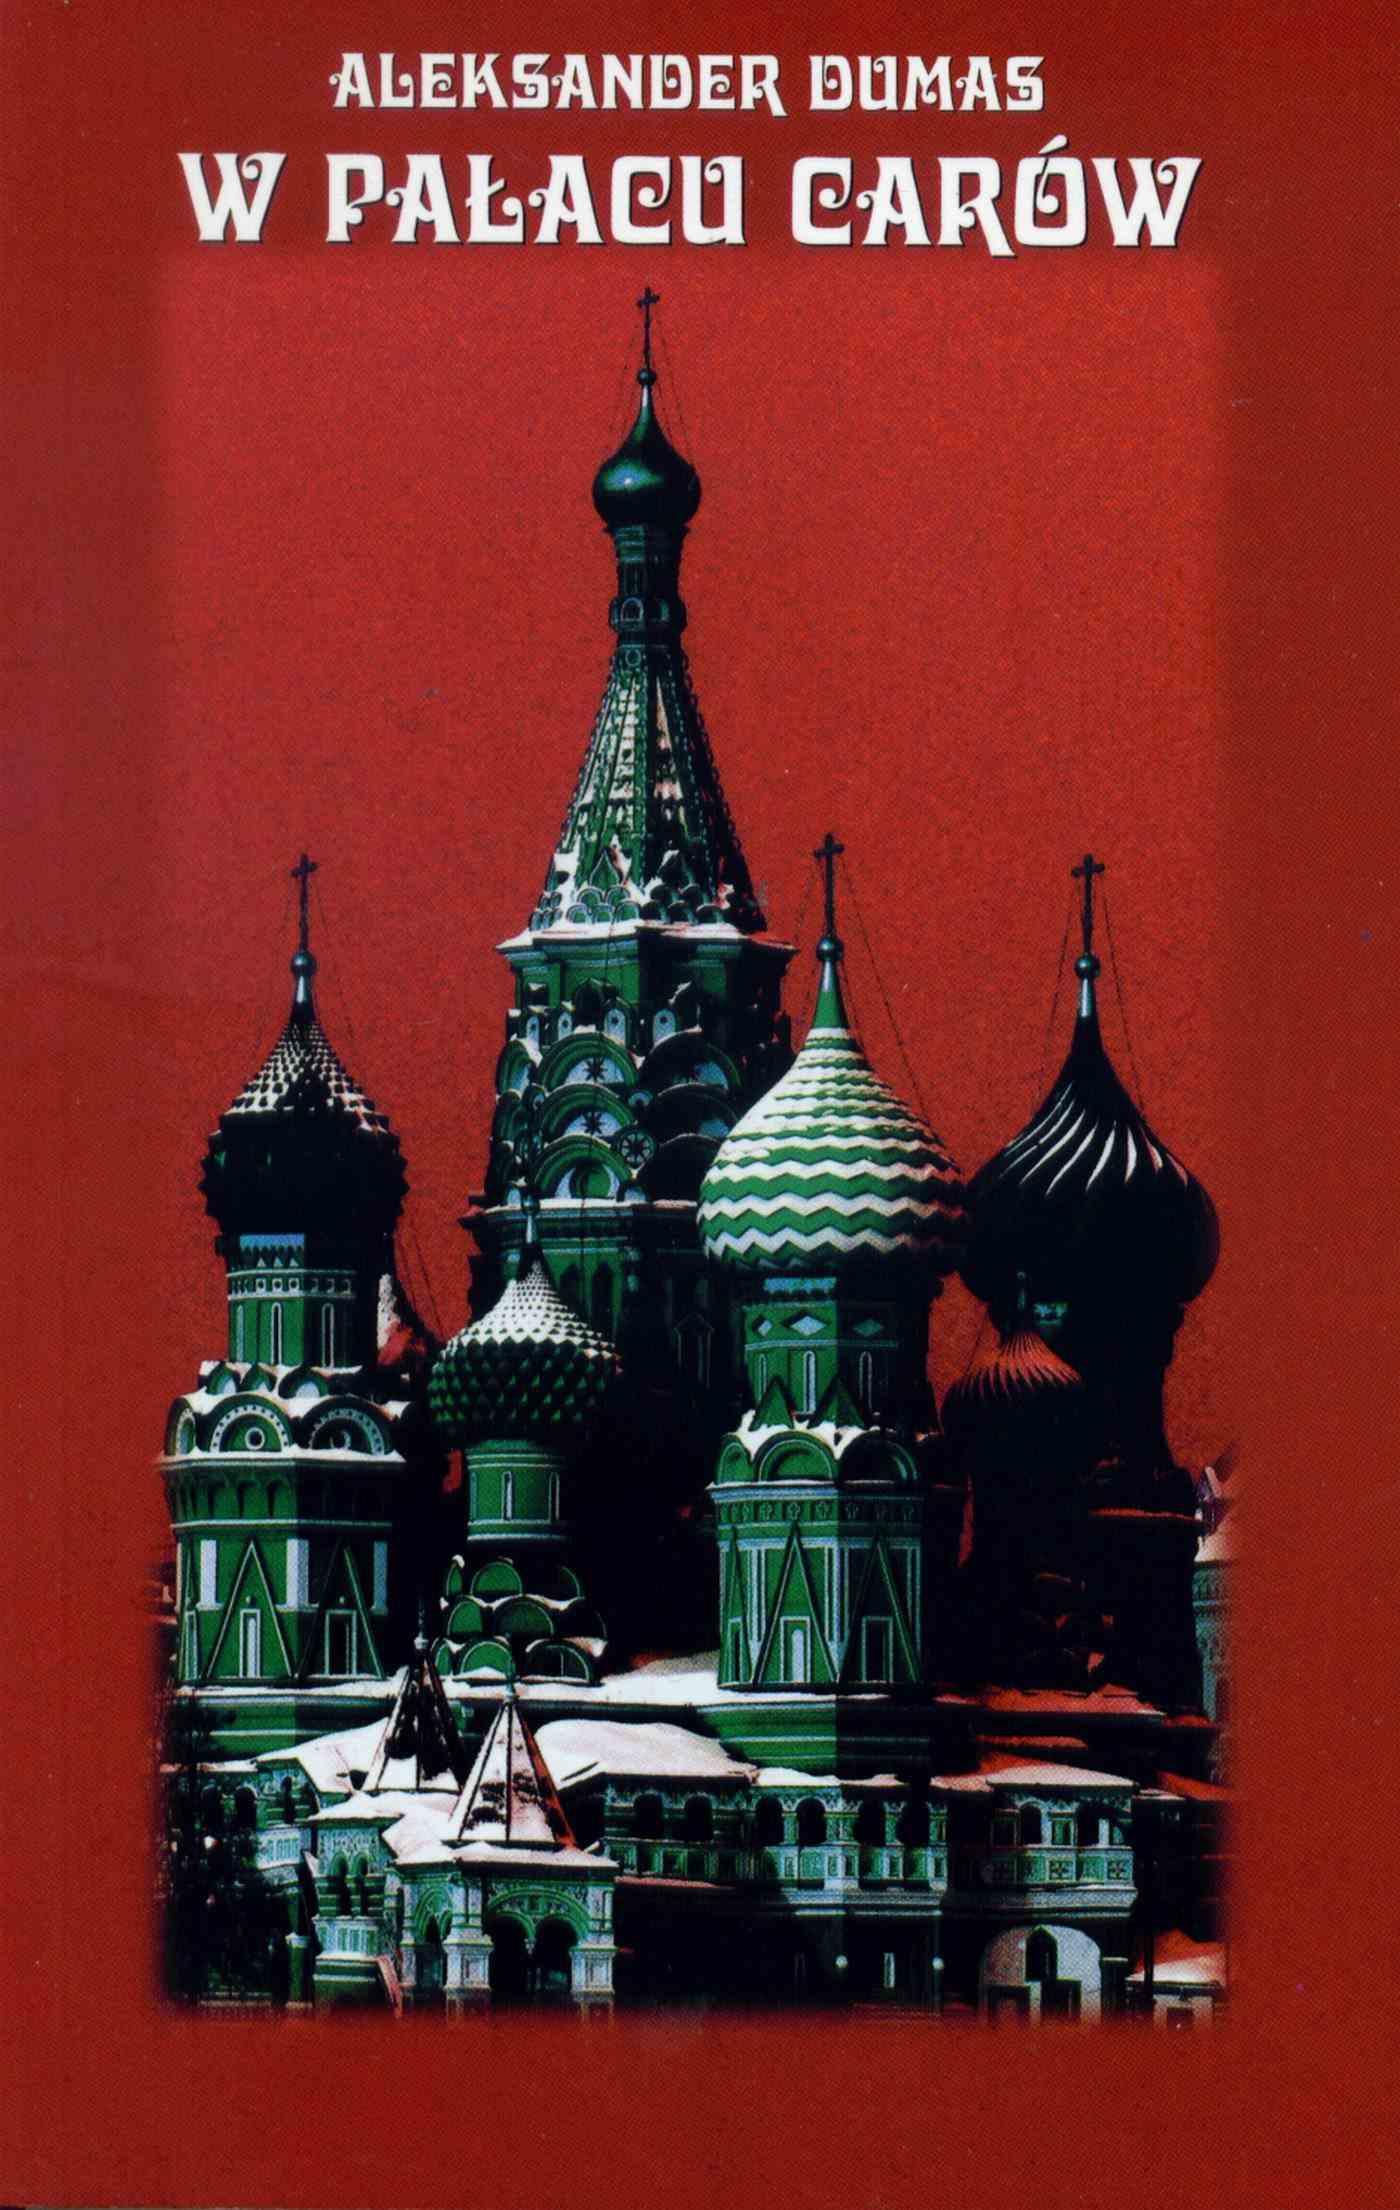 W pałacu carów - Ebook (Książka EPUB) do pobrania w formacie EPUB